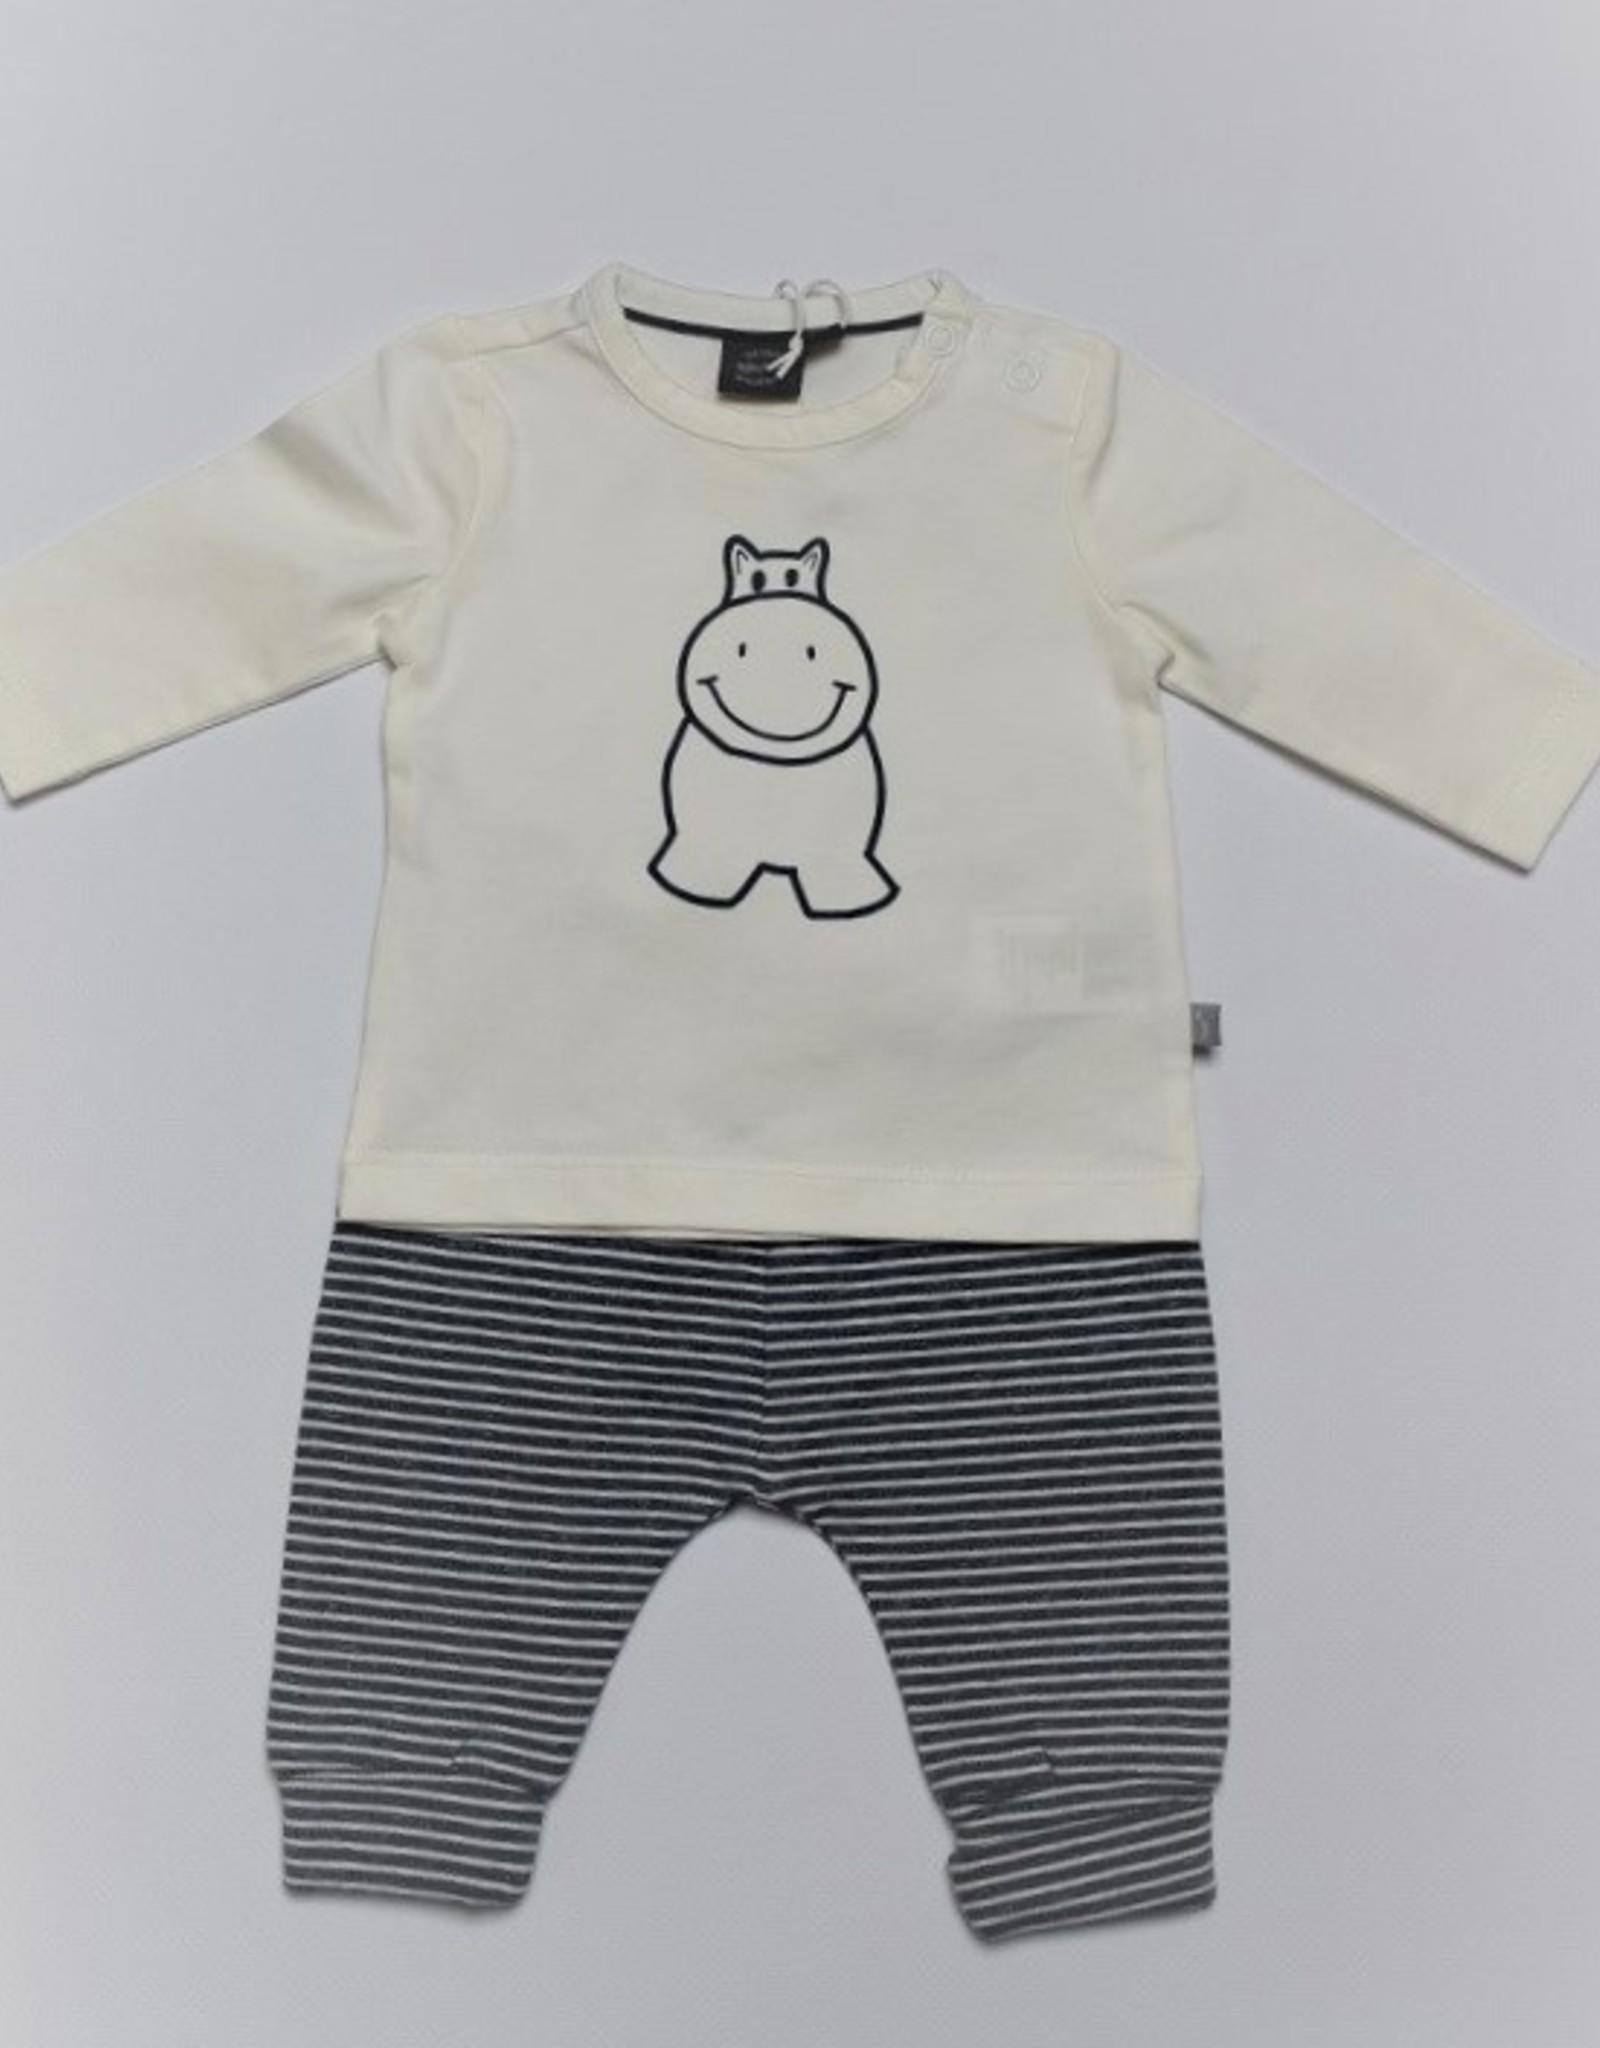 Babyface Unisex setje T-shirt ecru + broekje navy streepje